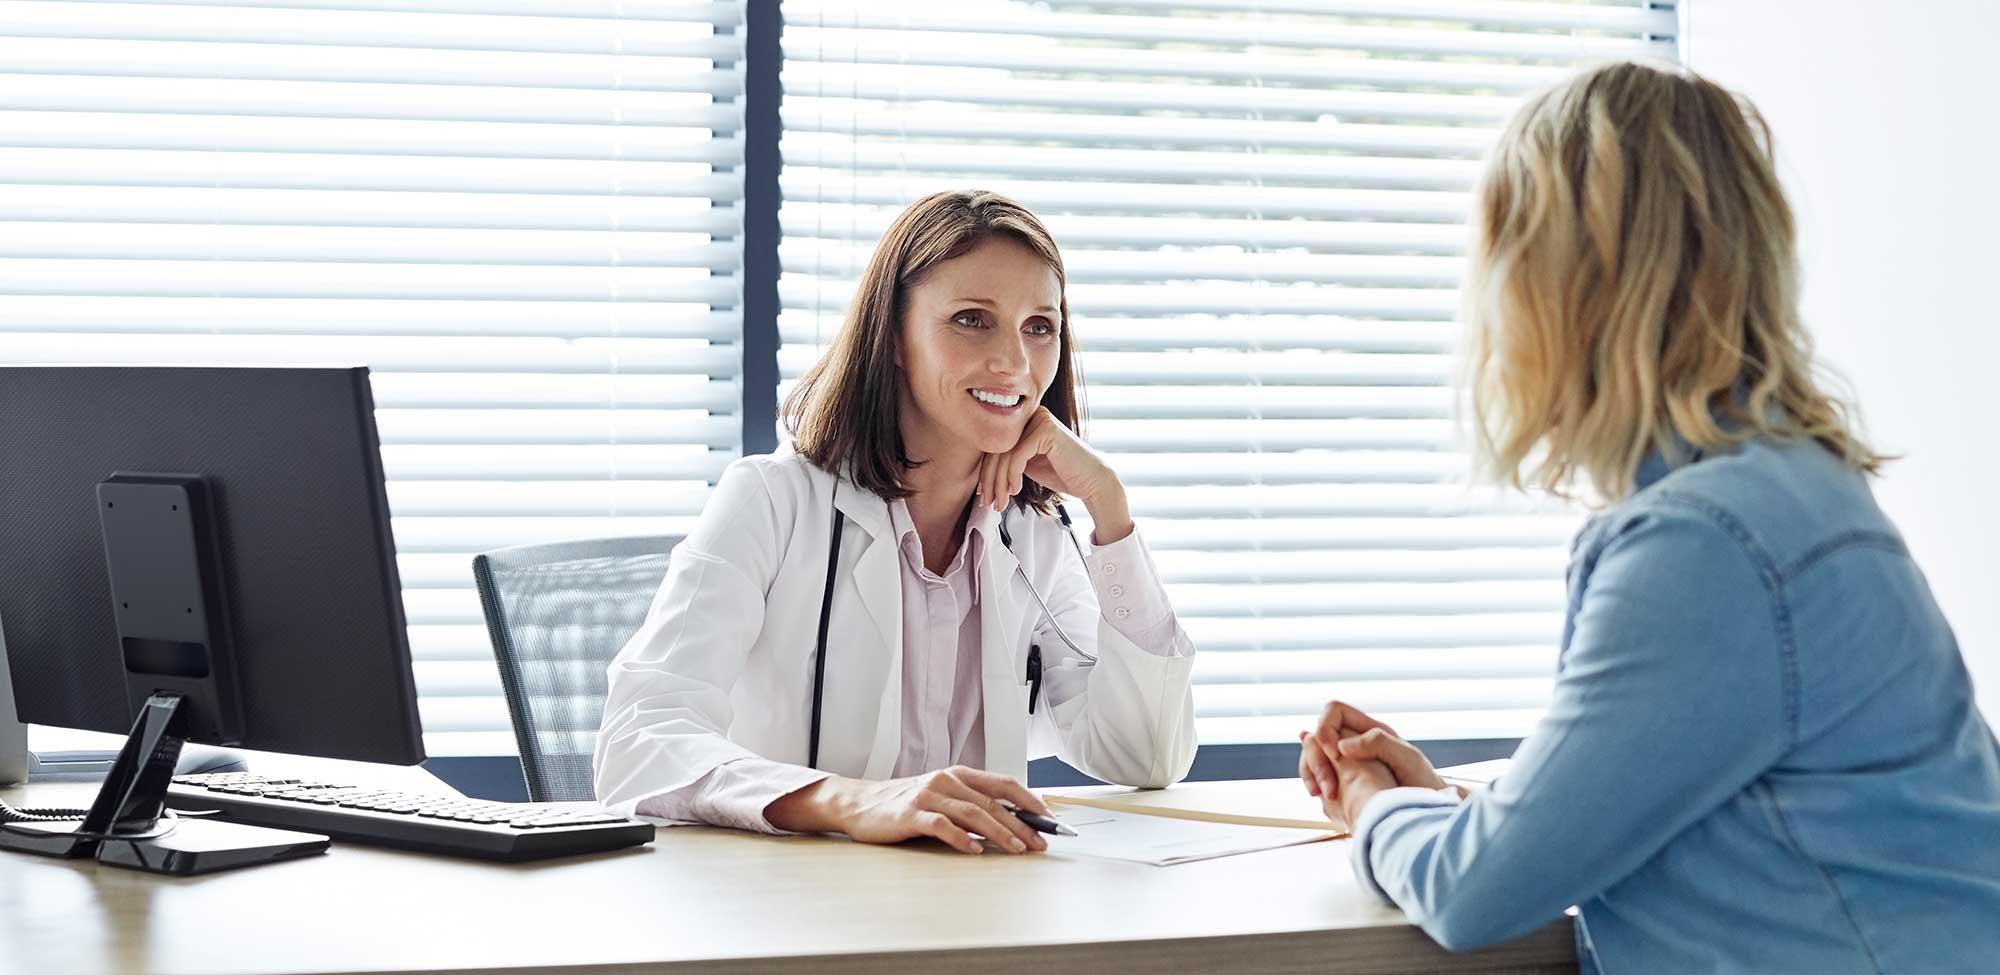 Exames de rotina para a saúde da mulher